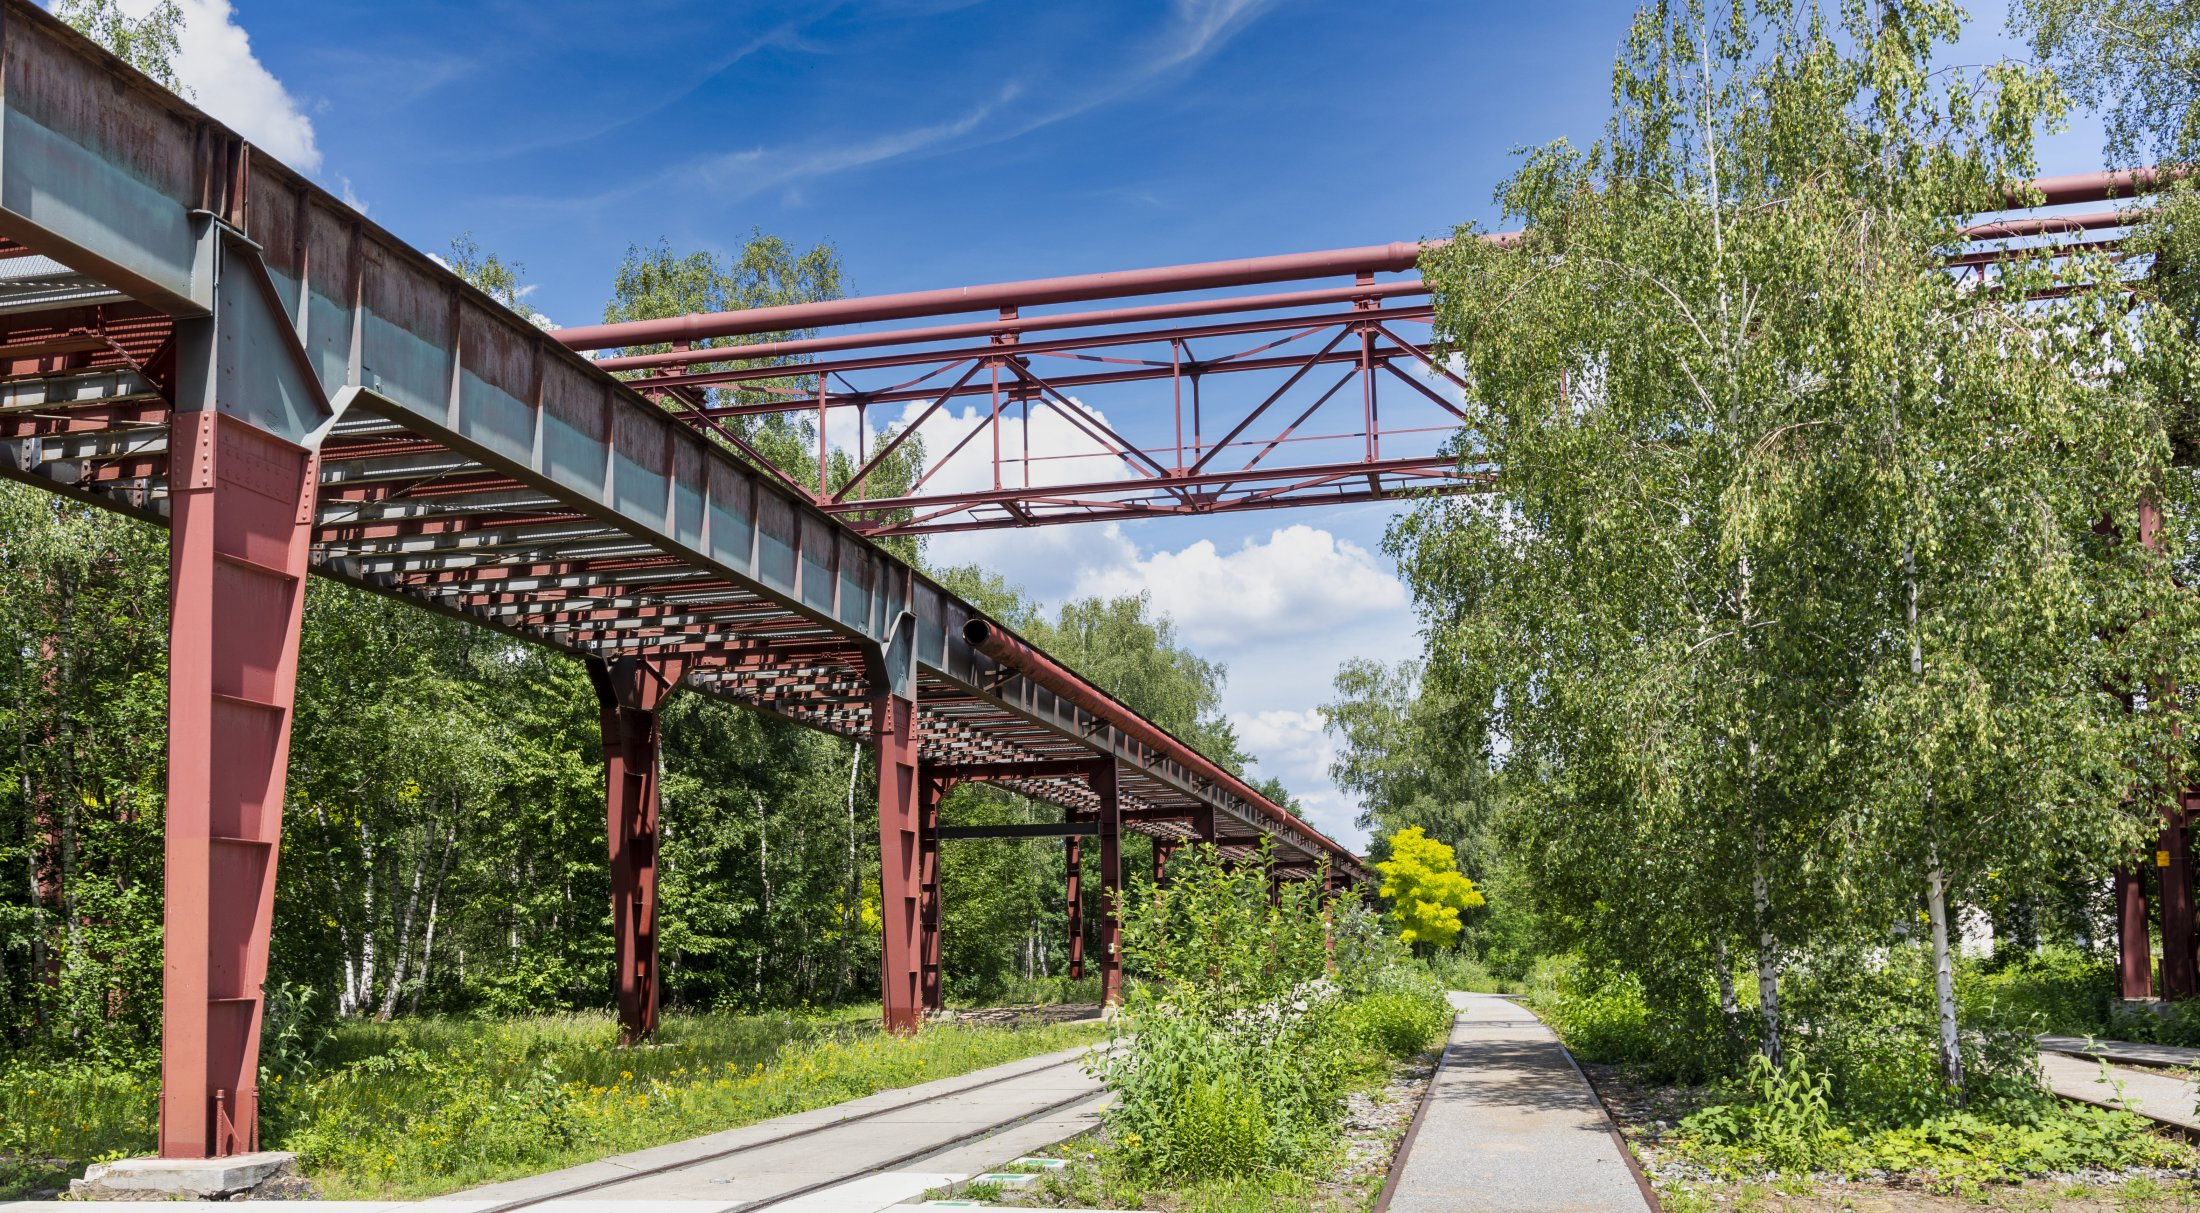 Rohrbrücke links Bandbrücke für Kohletransport